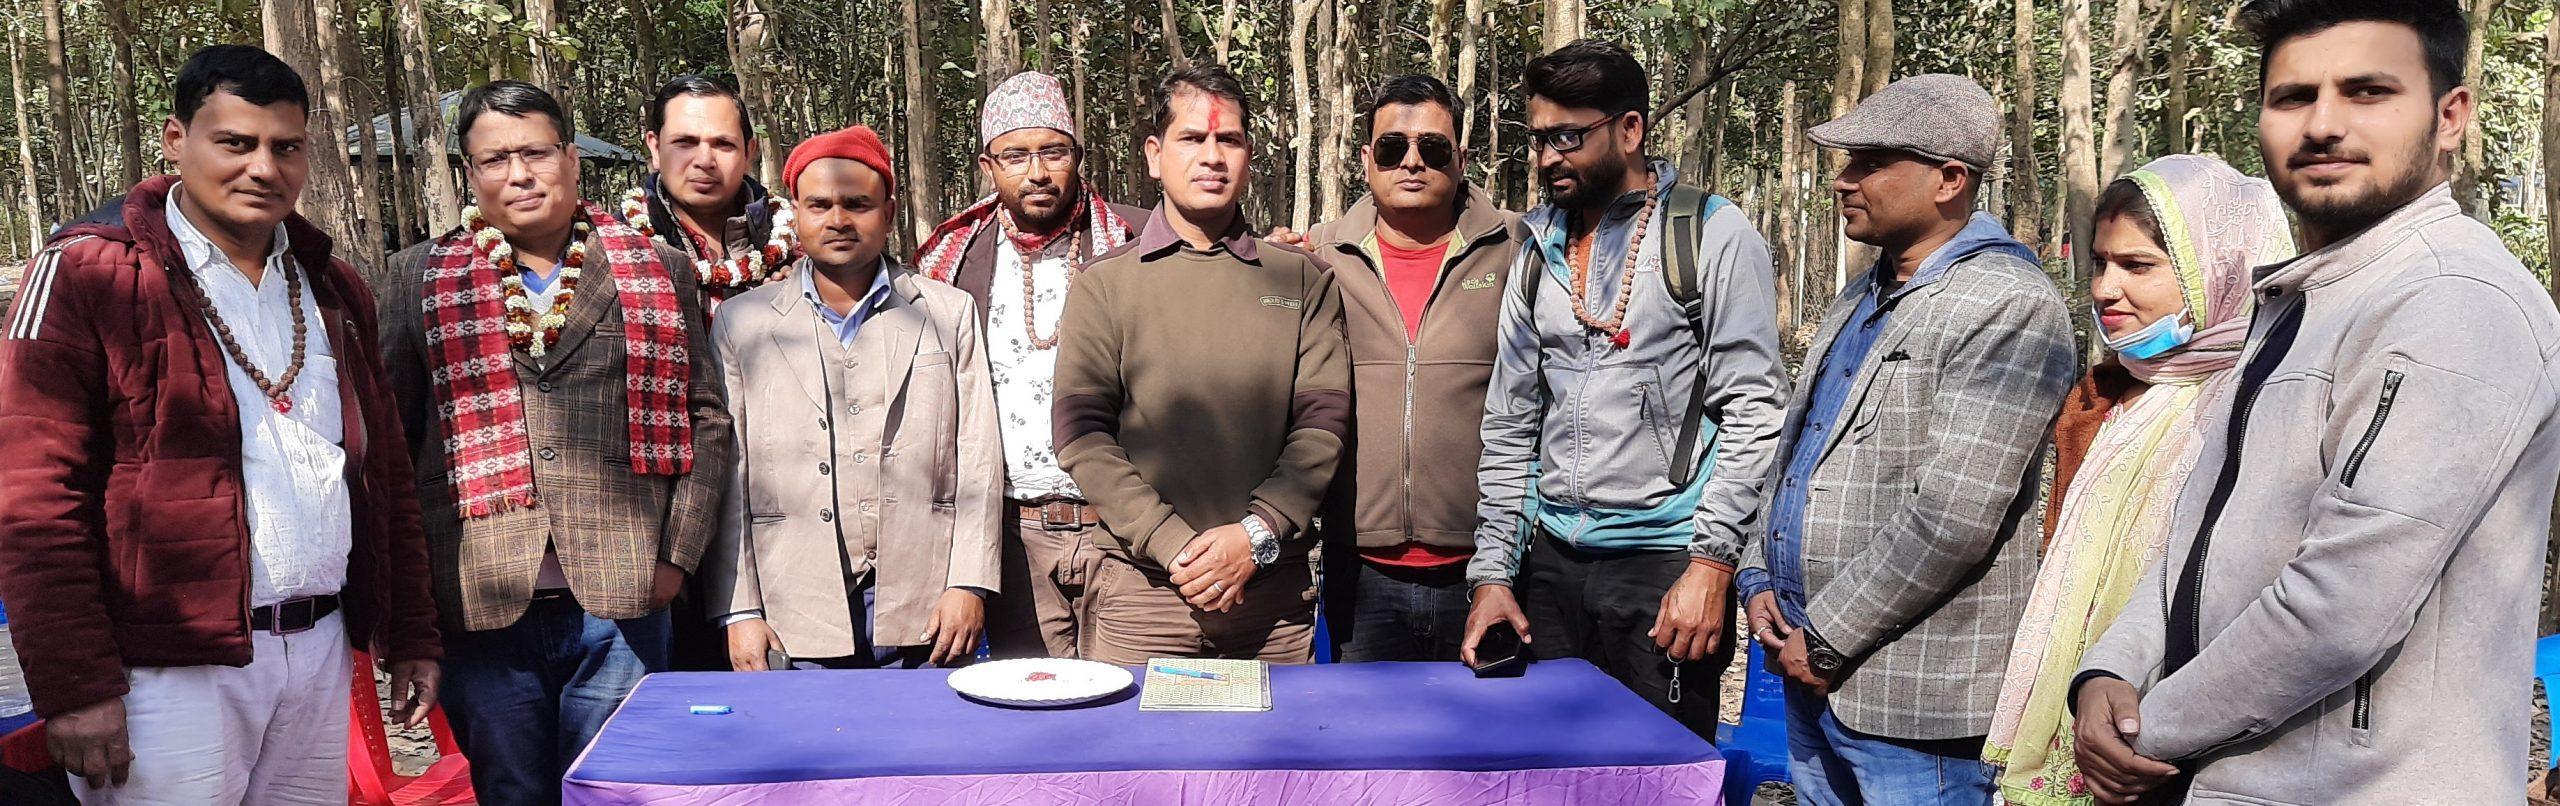 सुनसरीमा यादव पत्रकार समाज गठन